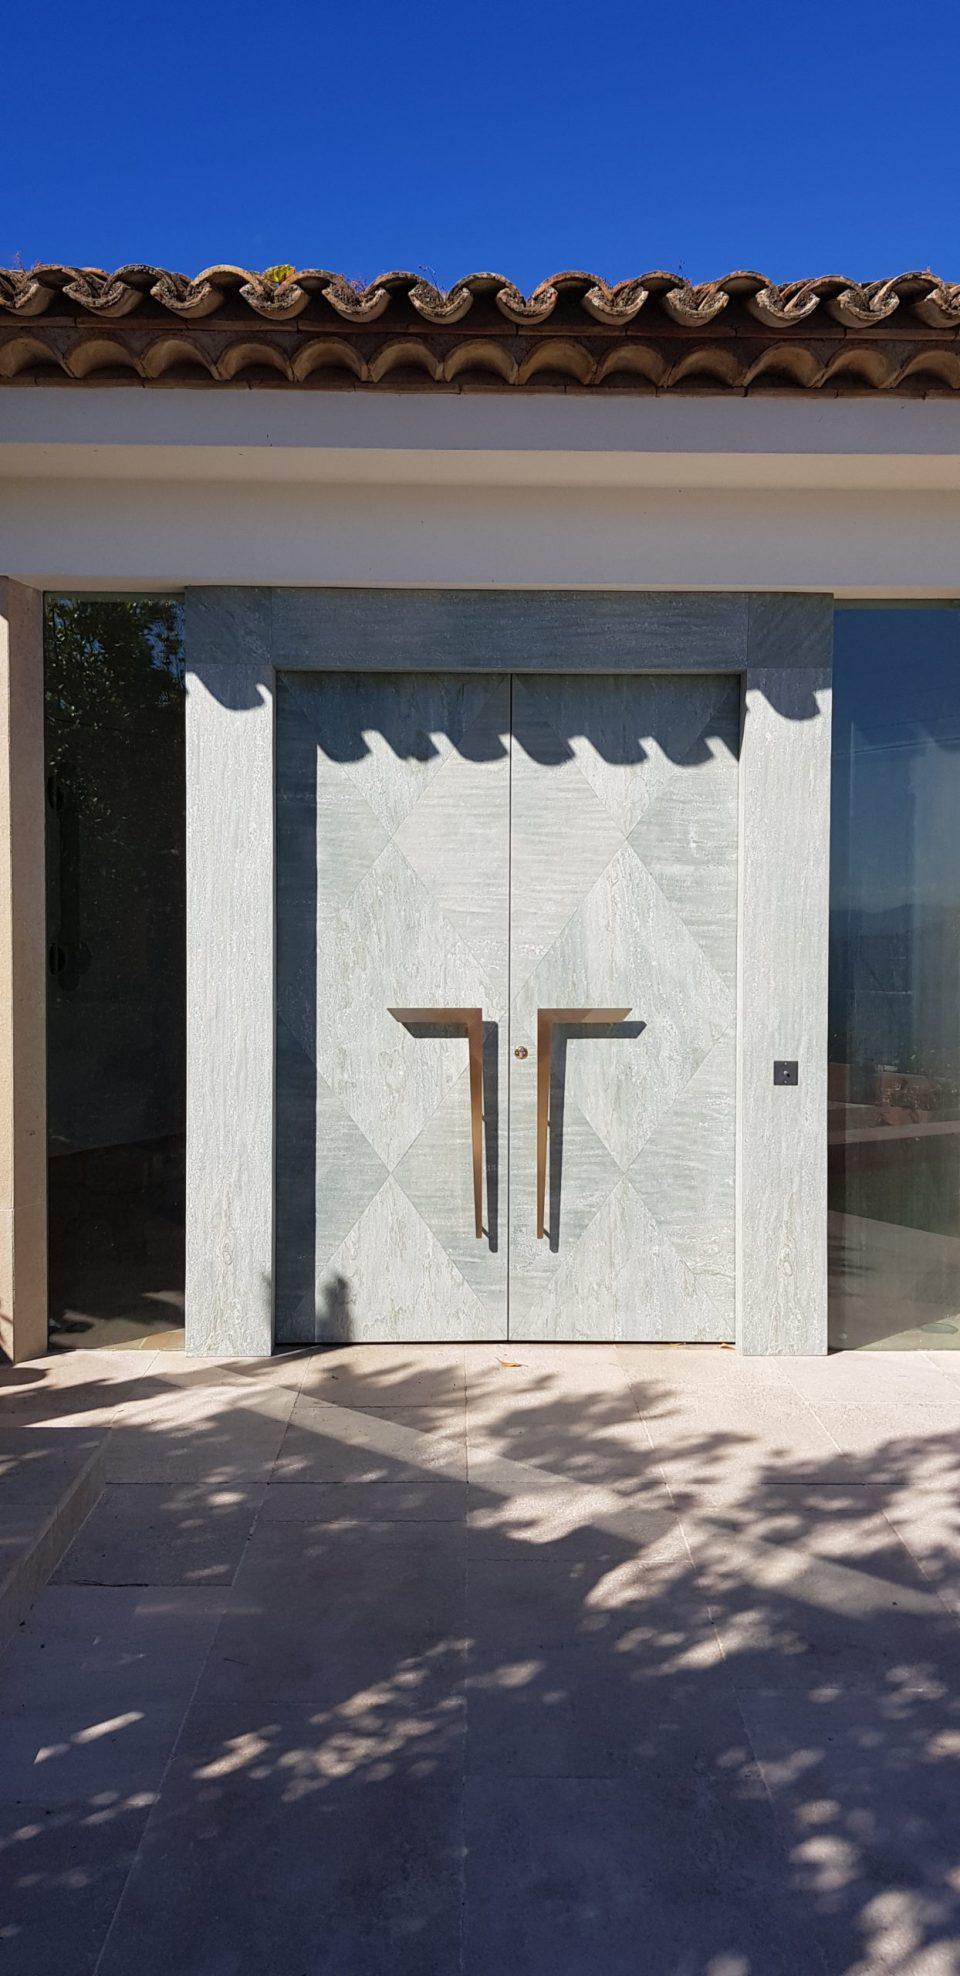 Feuille de pierre 100% naturelle StoneLeaf modèle Riga sur porte extérieure